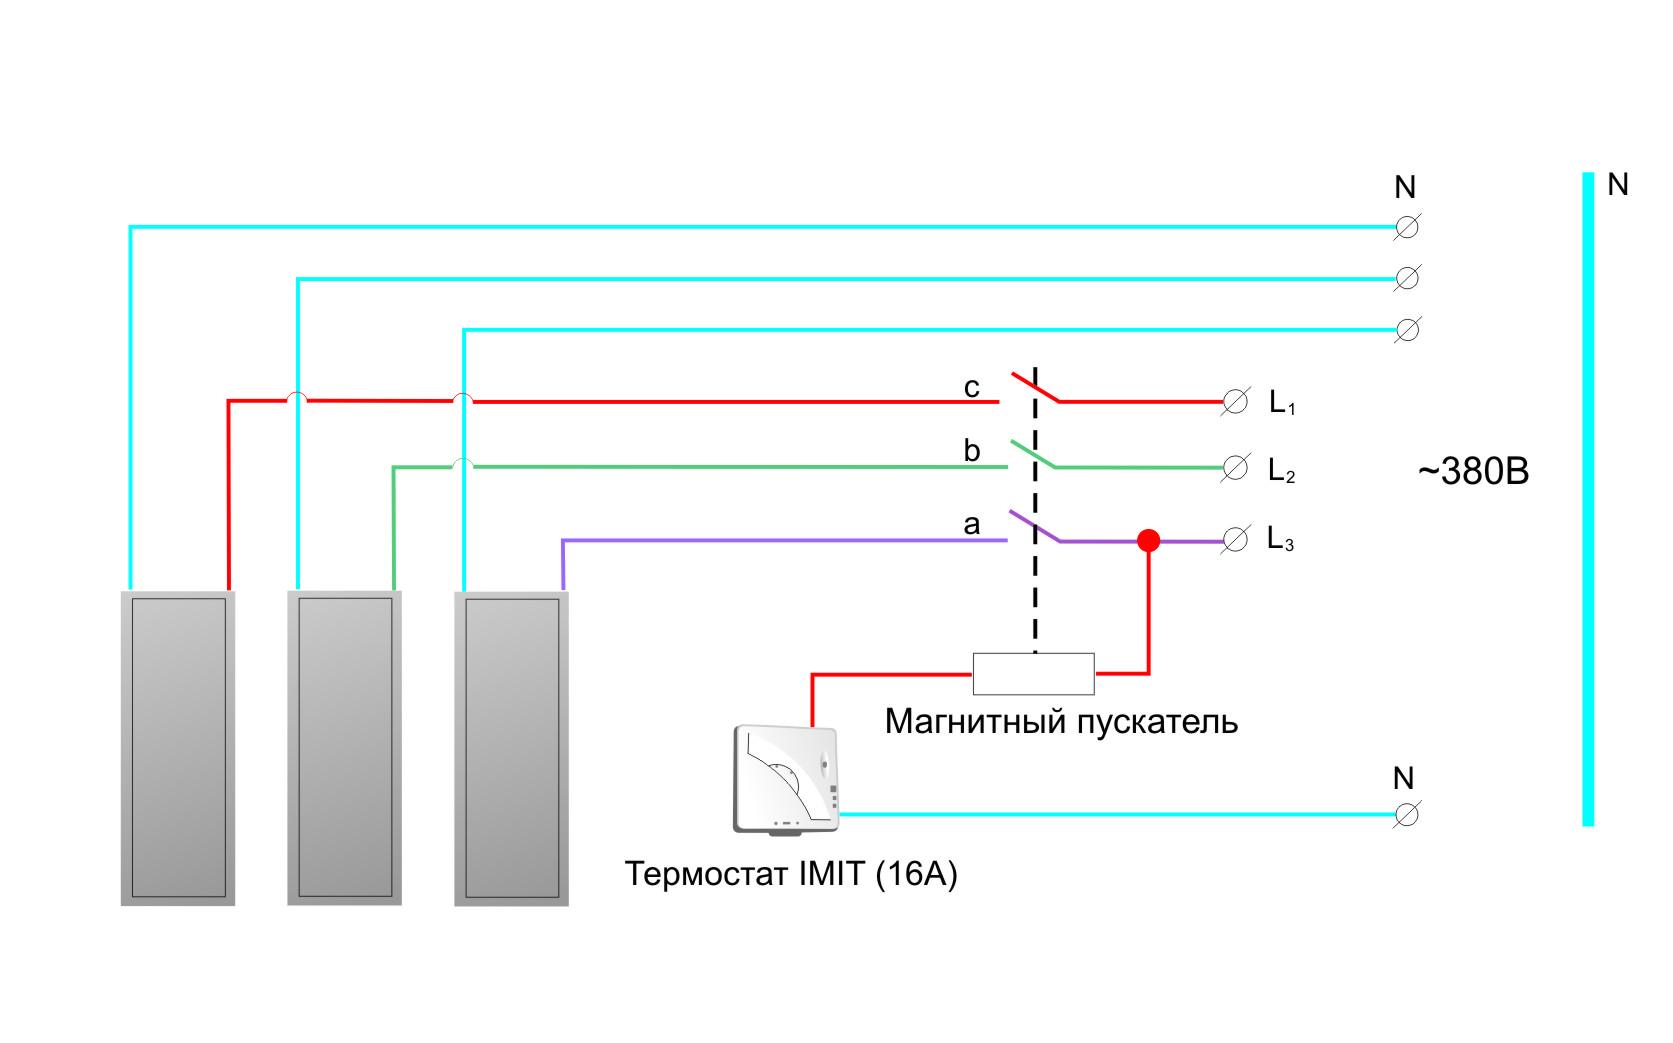 Электрообогреватель взрывозащищенный ОВЭ-4 1,8 кВт Обогреватель взрывозащищенный овэ-4 схема подключения